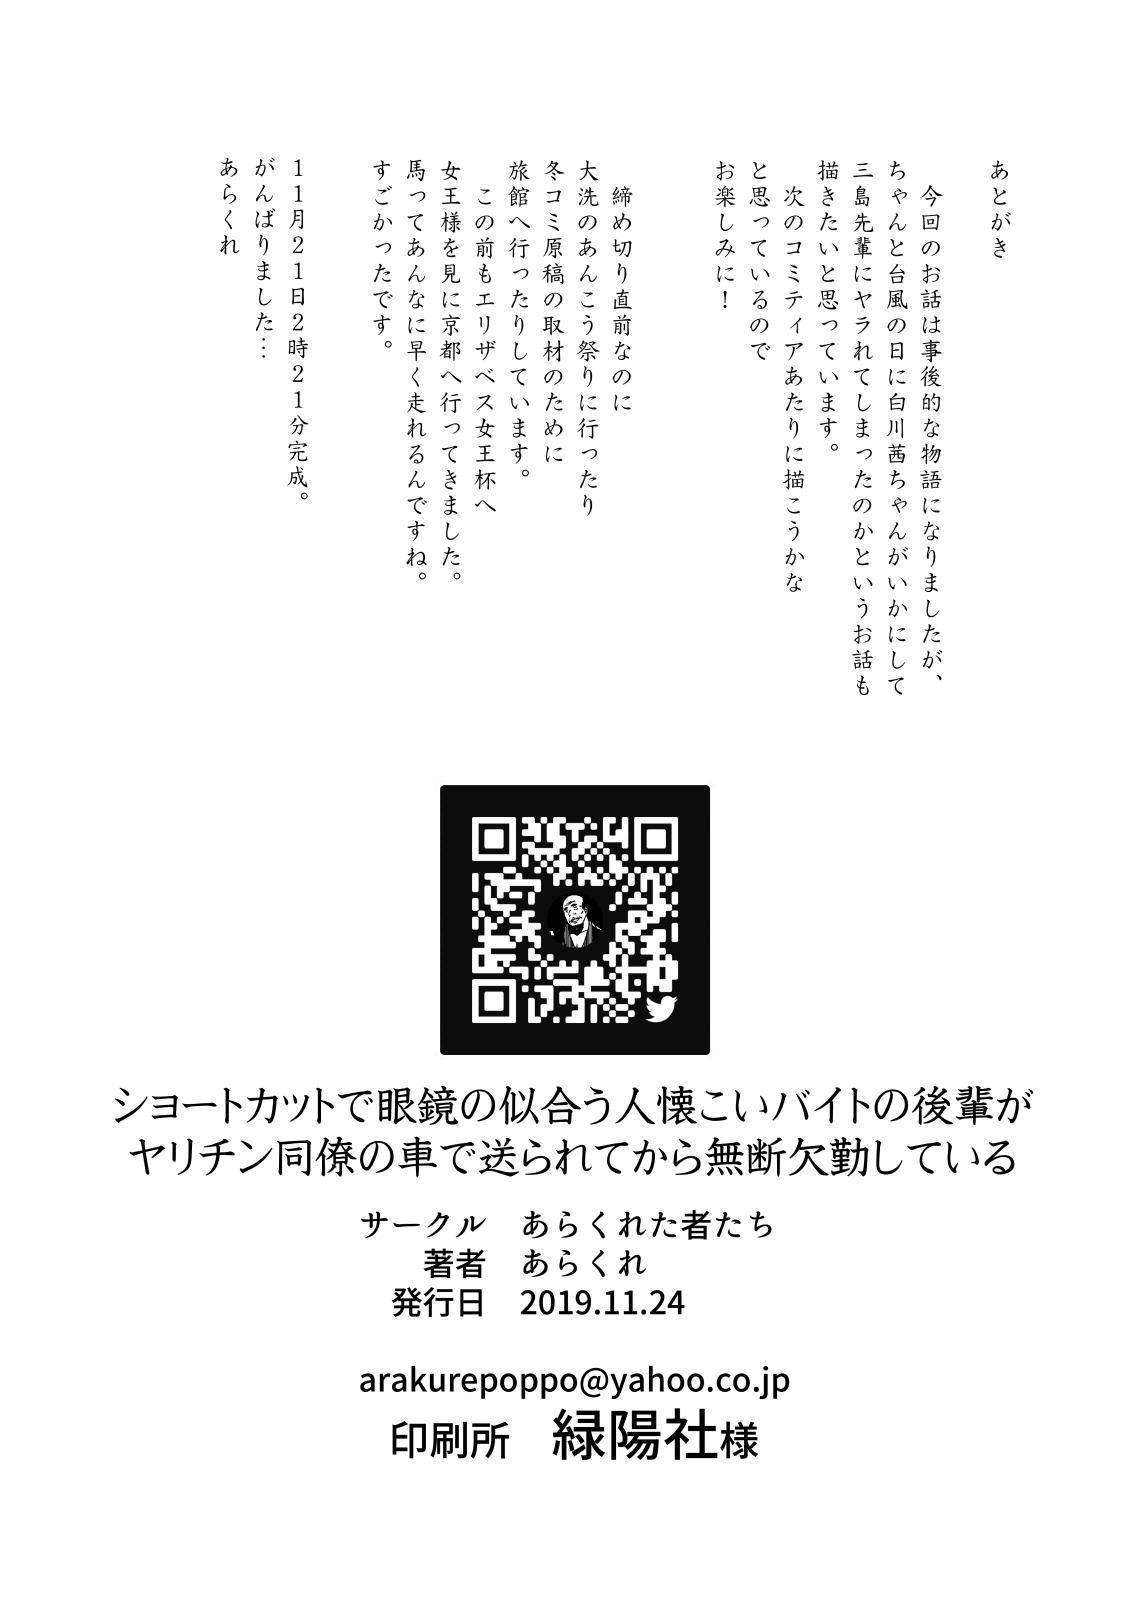 Shortcut de Megane no Niau Hitonatsukoi Beit no Kouhai ga Yarichin Douryou no Kuruma de Okurarete kara Mudankekkin Shiteiru + Omake 21